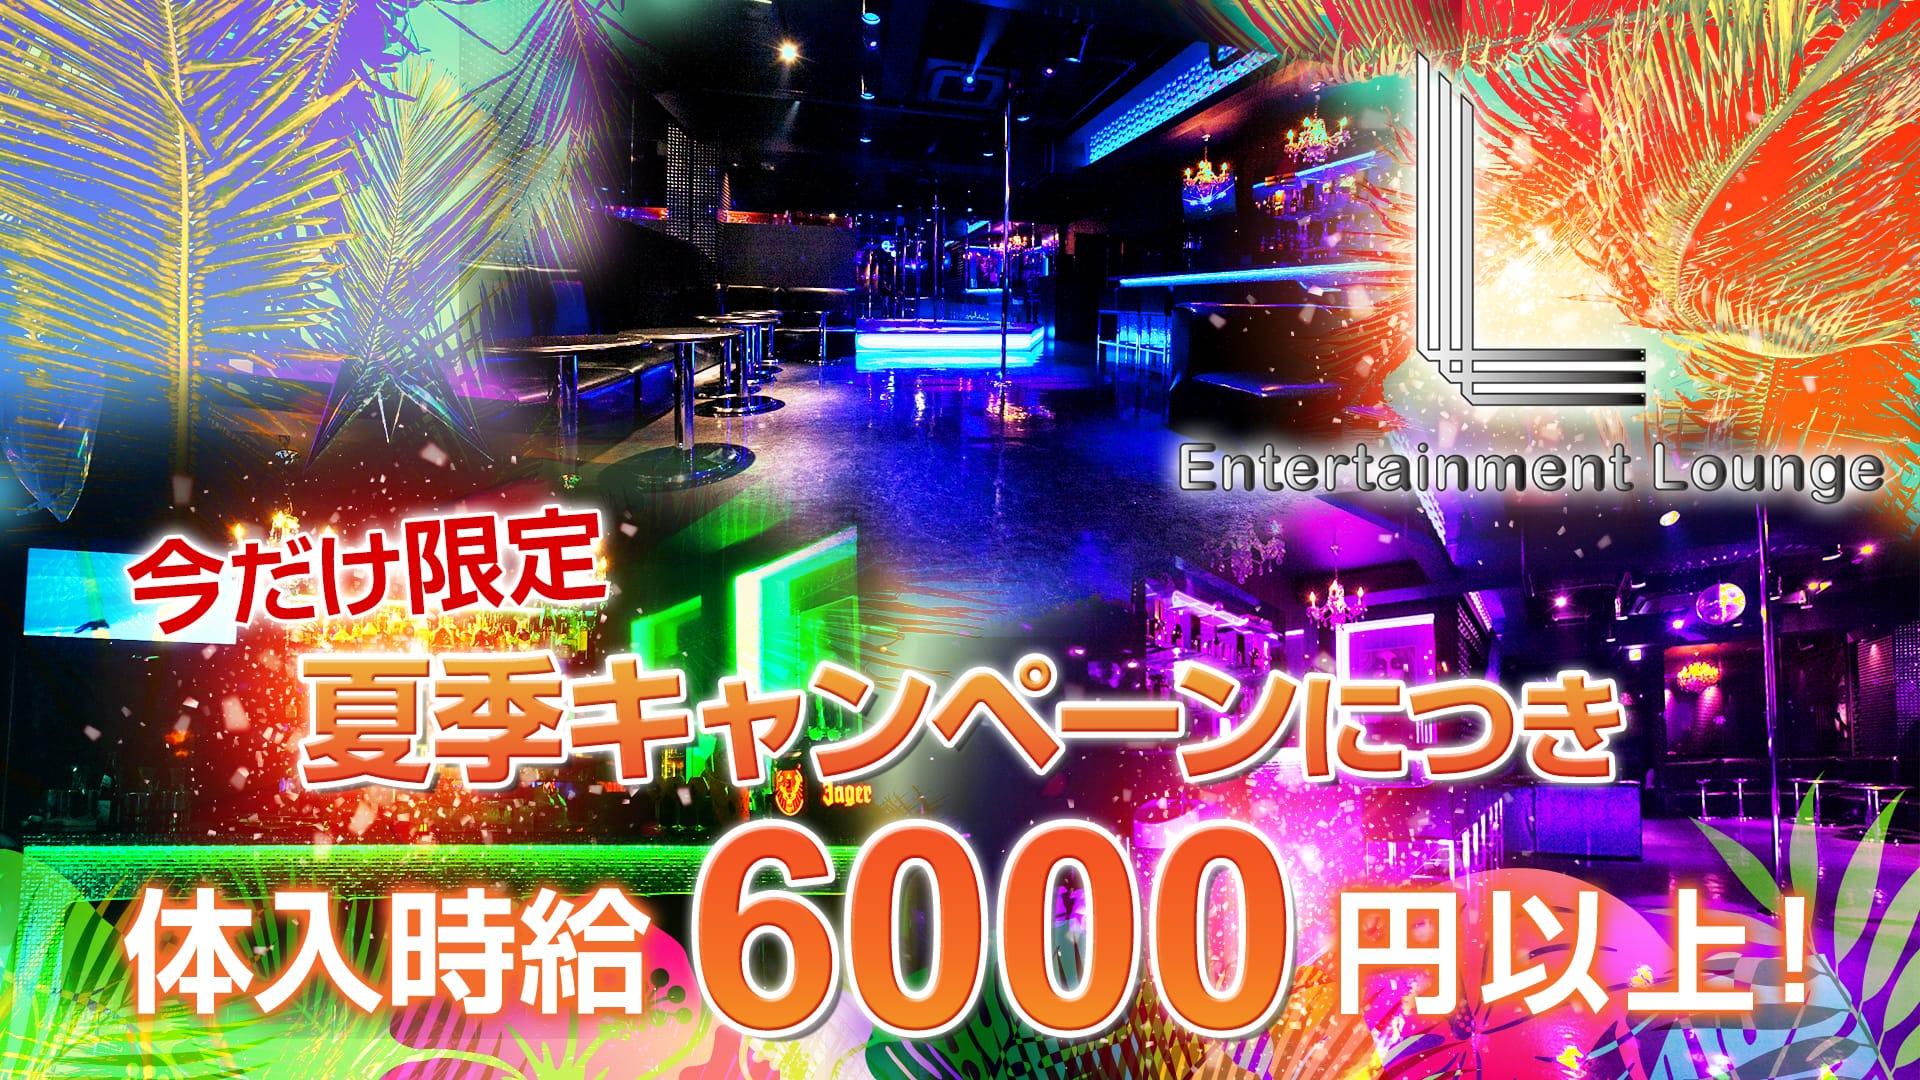 Entertainment Lounge L(エンターテイメントラウンジ エル) 本厚木キャバクラ TOP画像